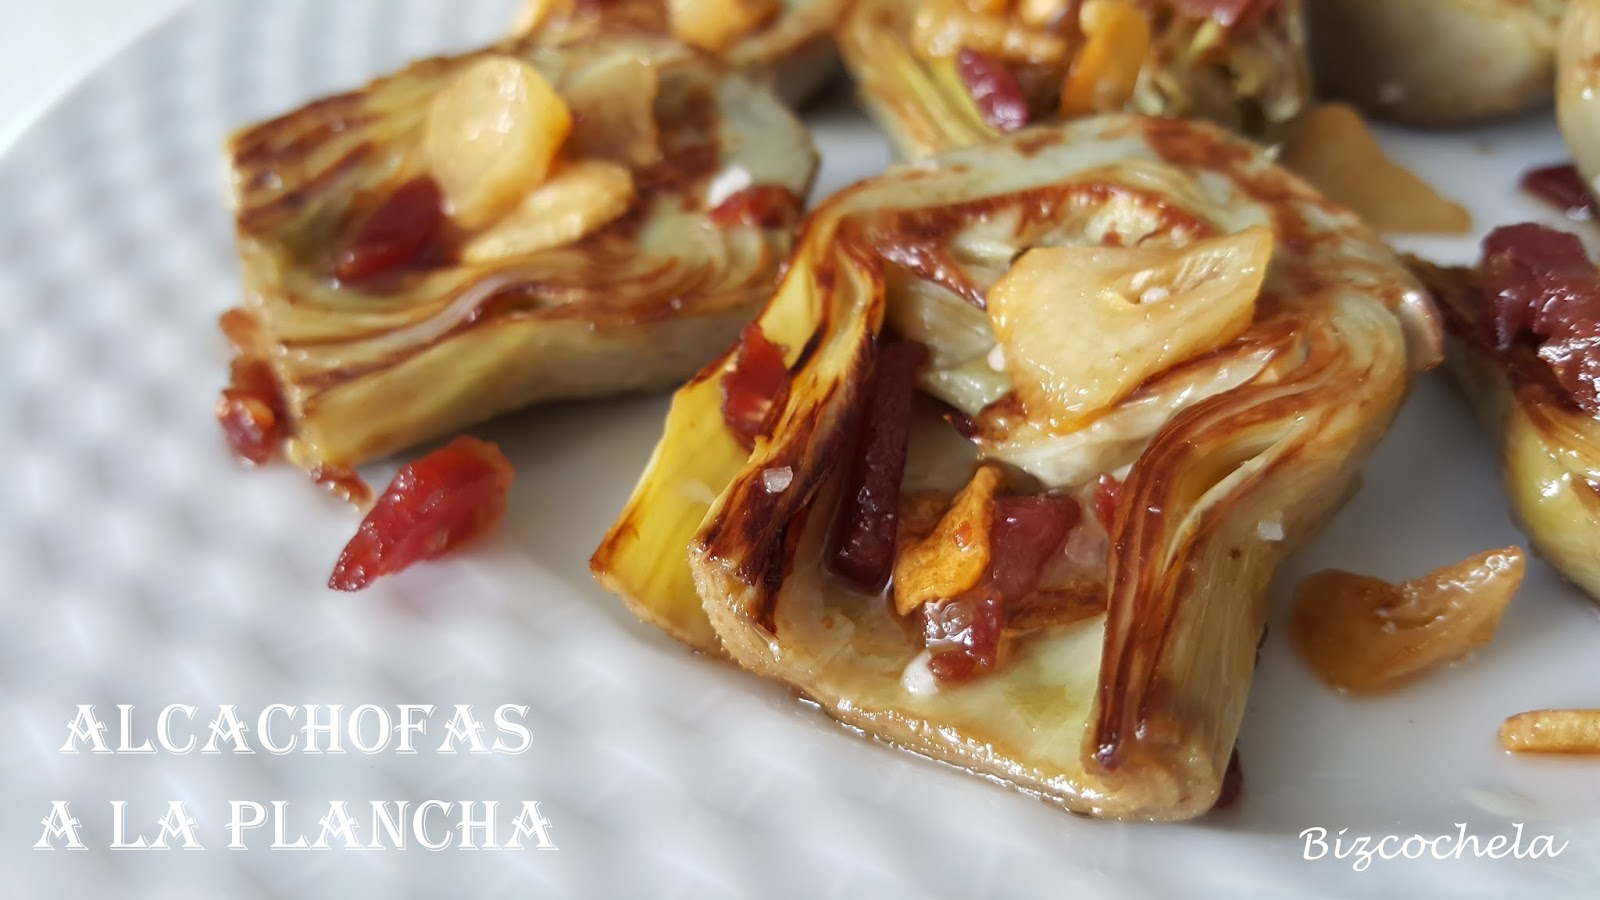 Alcachofas congeladas a la plancha for Que cuisiner a la plancha